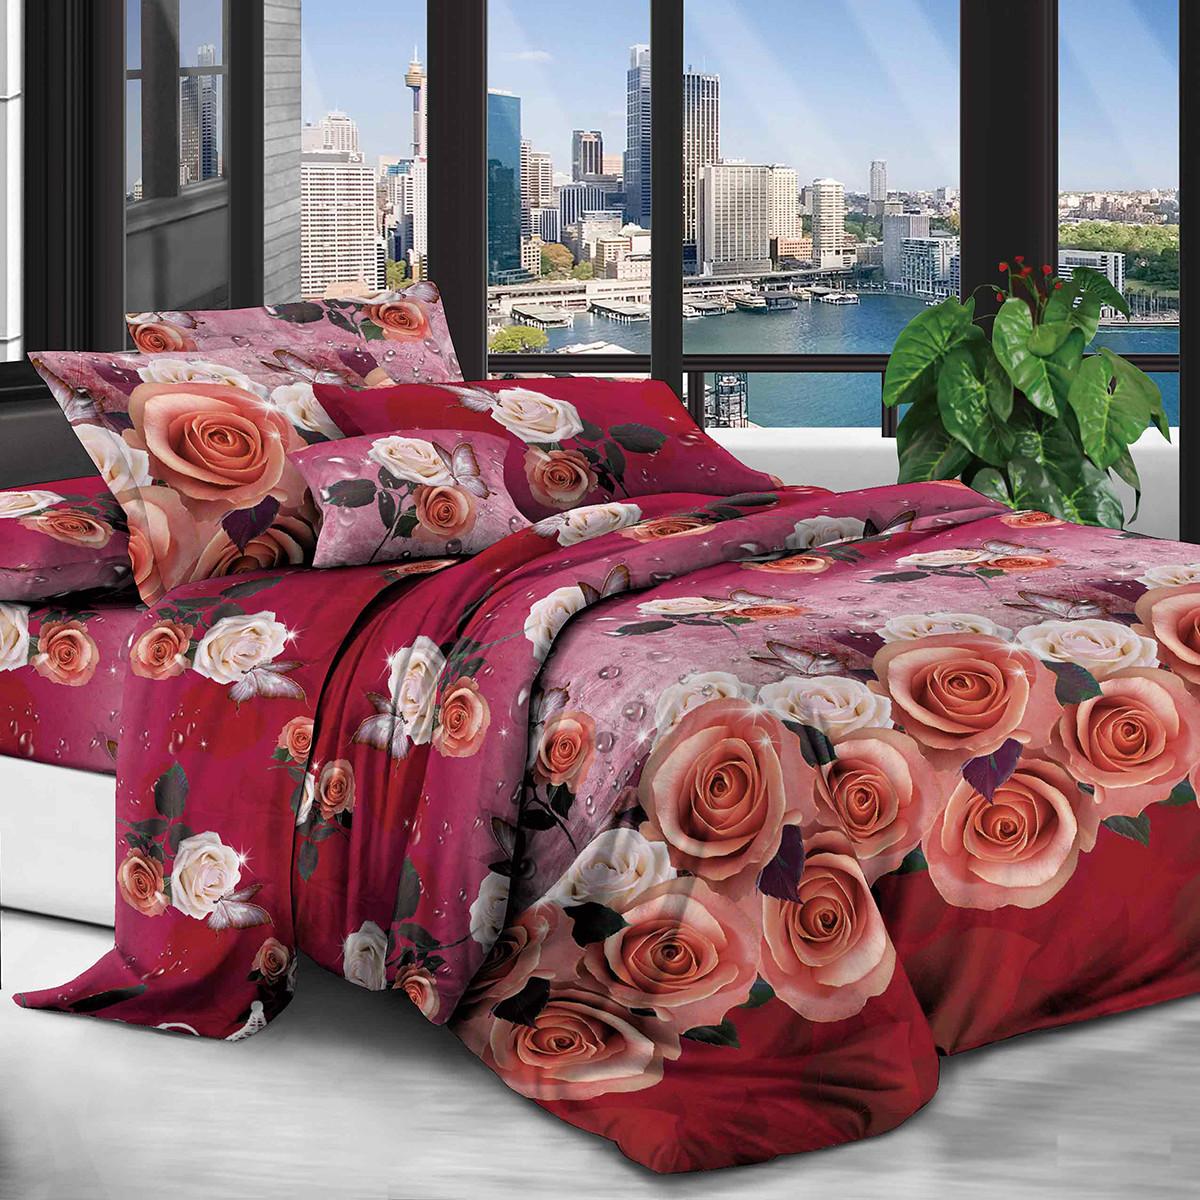 Двуспальный Евро комплект постельного белья (200*220, бязь полиэстер)